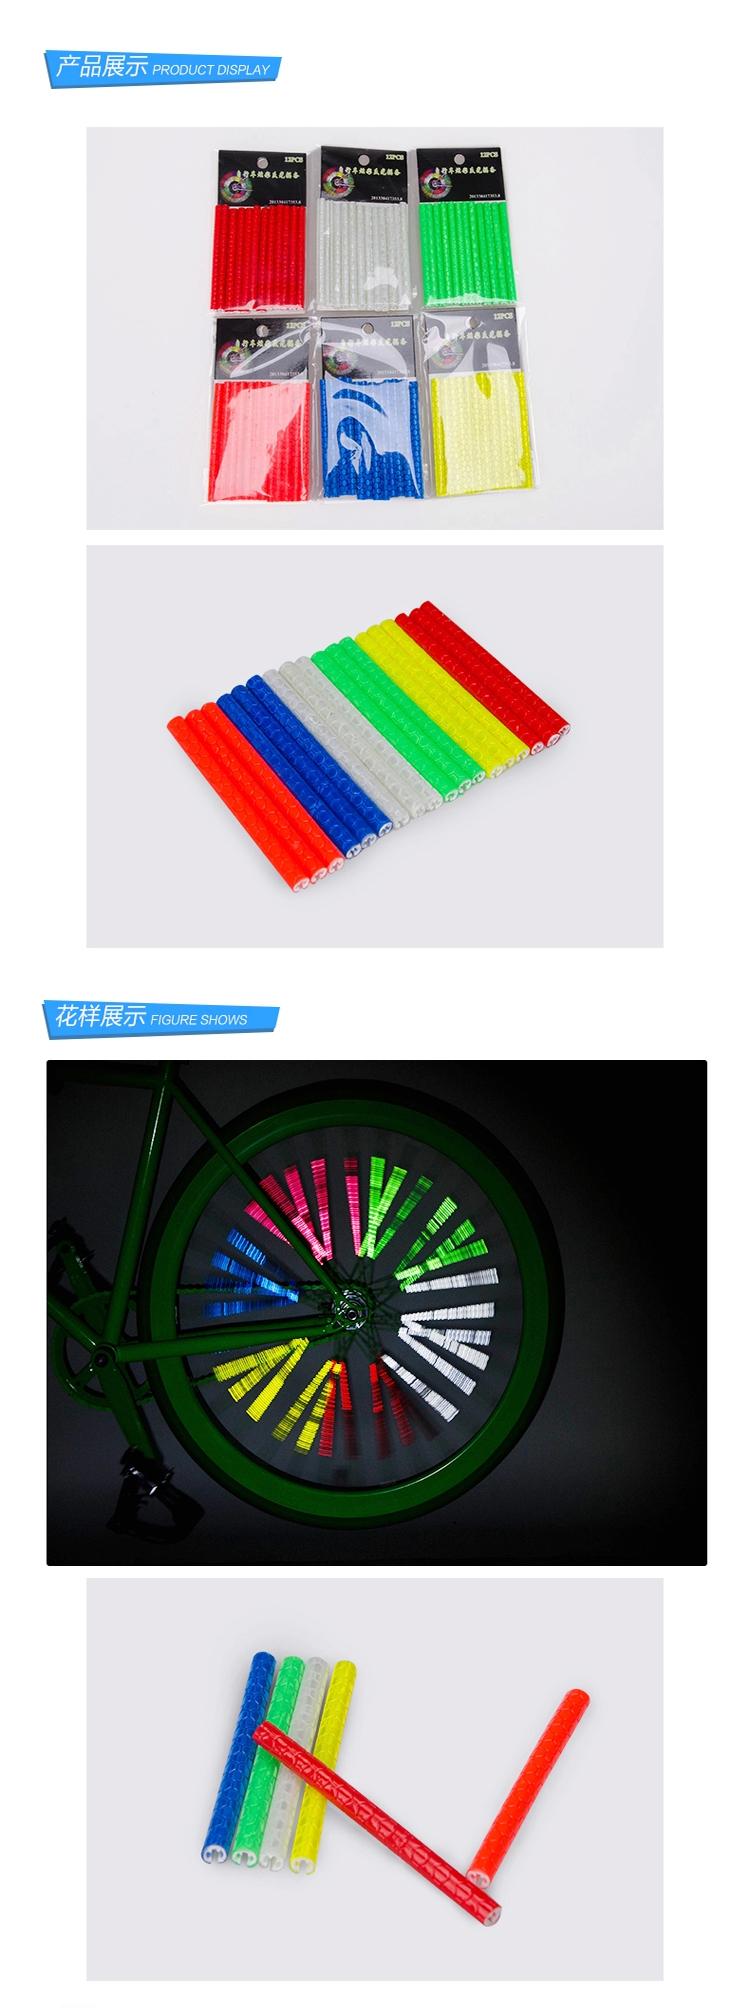 捷酷(jakroo)自行车反光条山地车反光辐条棒骑行炫彩钢丝条风火轮车贴